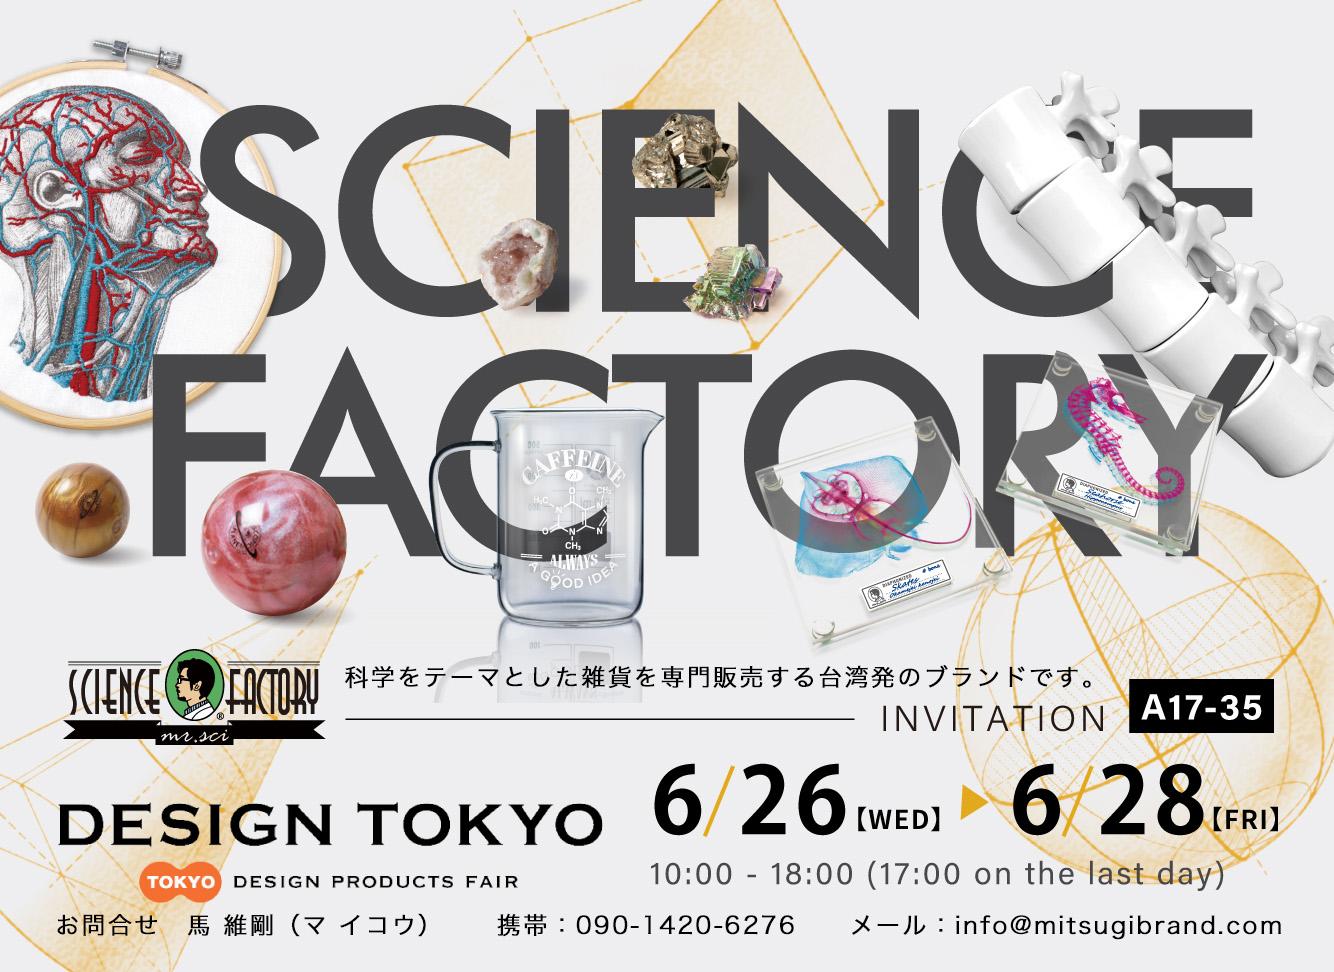 2019 DESIGN TOKYO - 国際 デザイン製品展 出展お知らせ